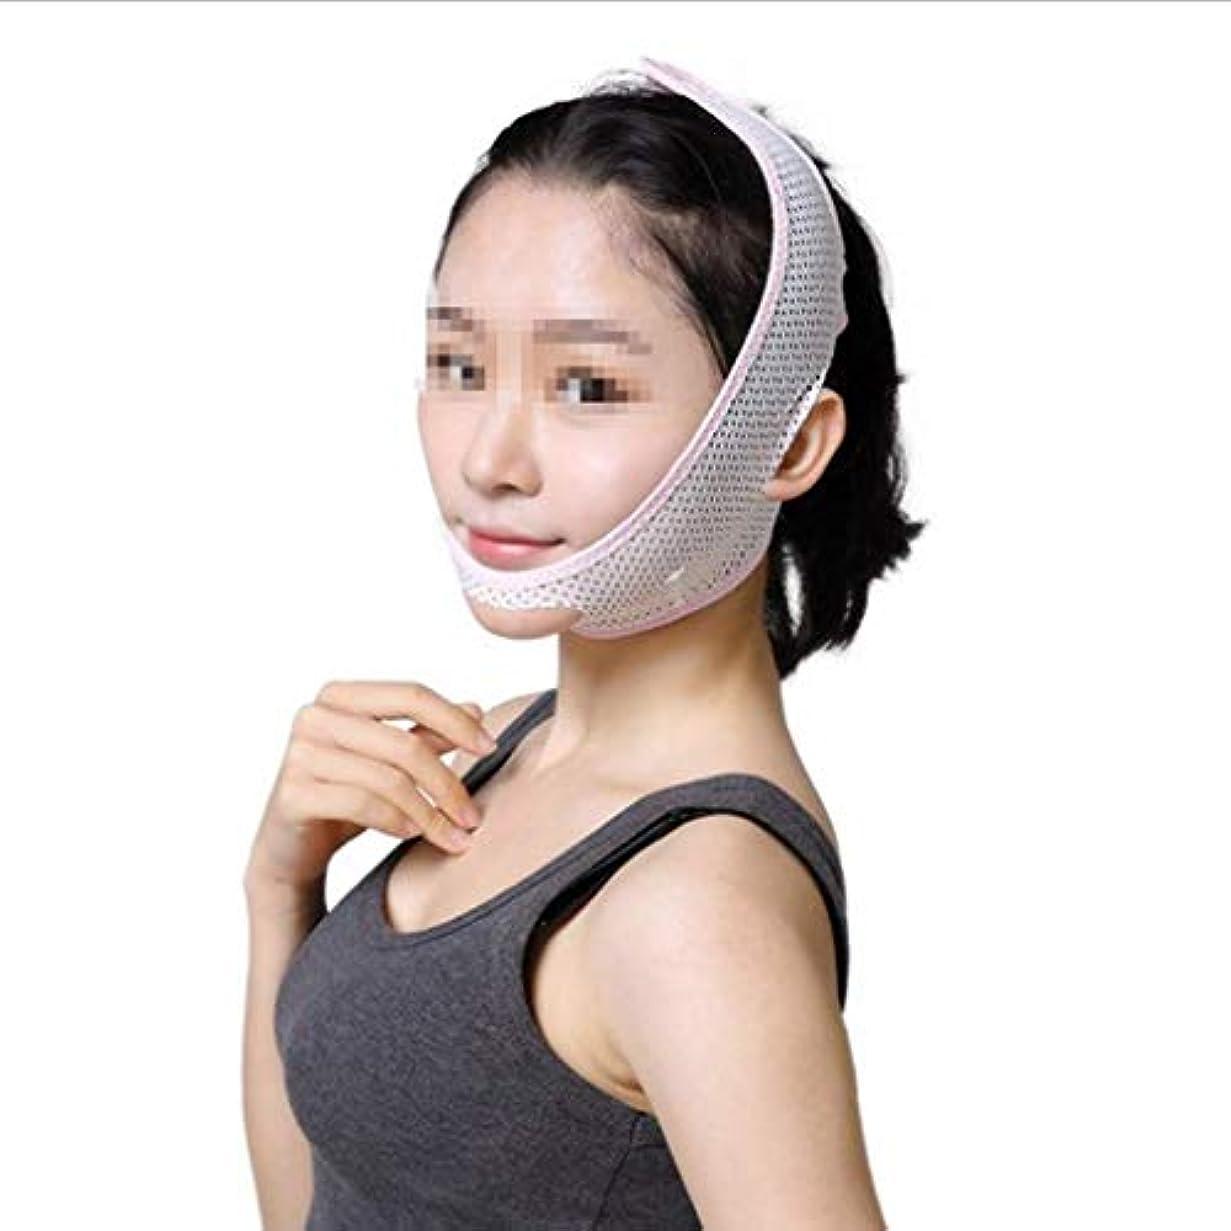 トランクライブラリ視線晴れ超薄型通気性フェイスマスク、包帯Vフェイスマスクフェイスリフティングファーミングダブルチンシンフェイスベルト(サイズ:L)